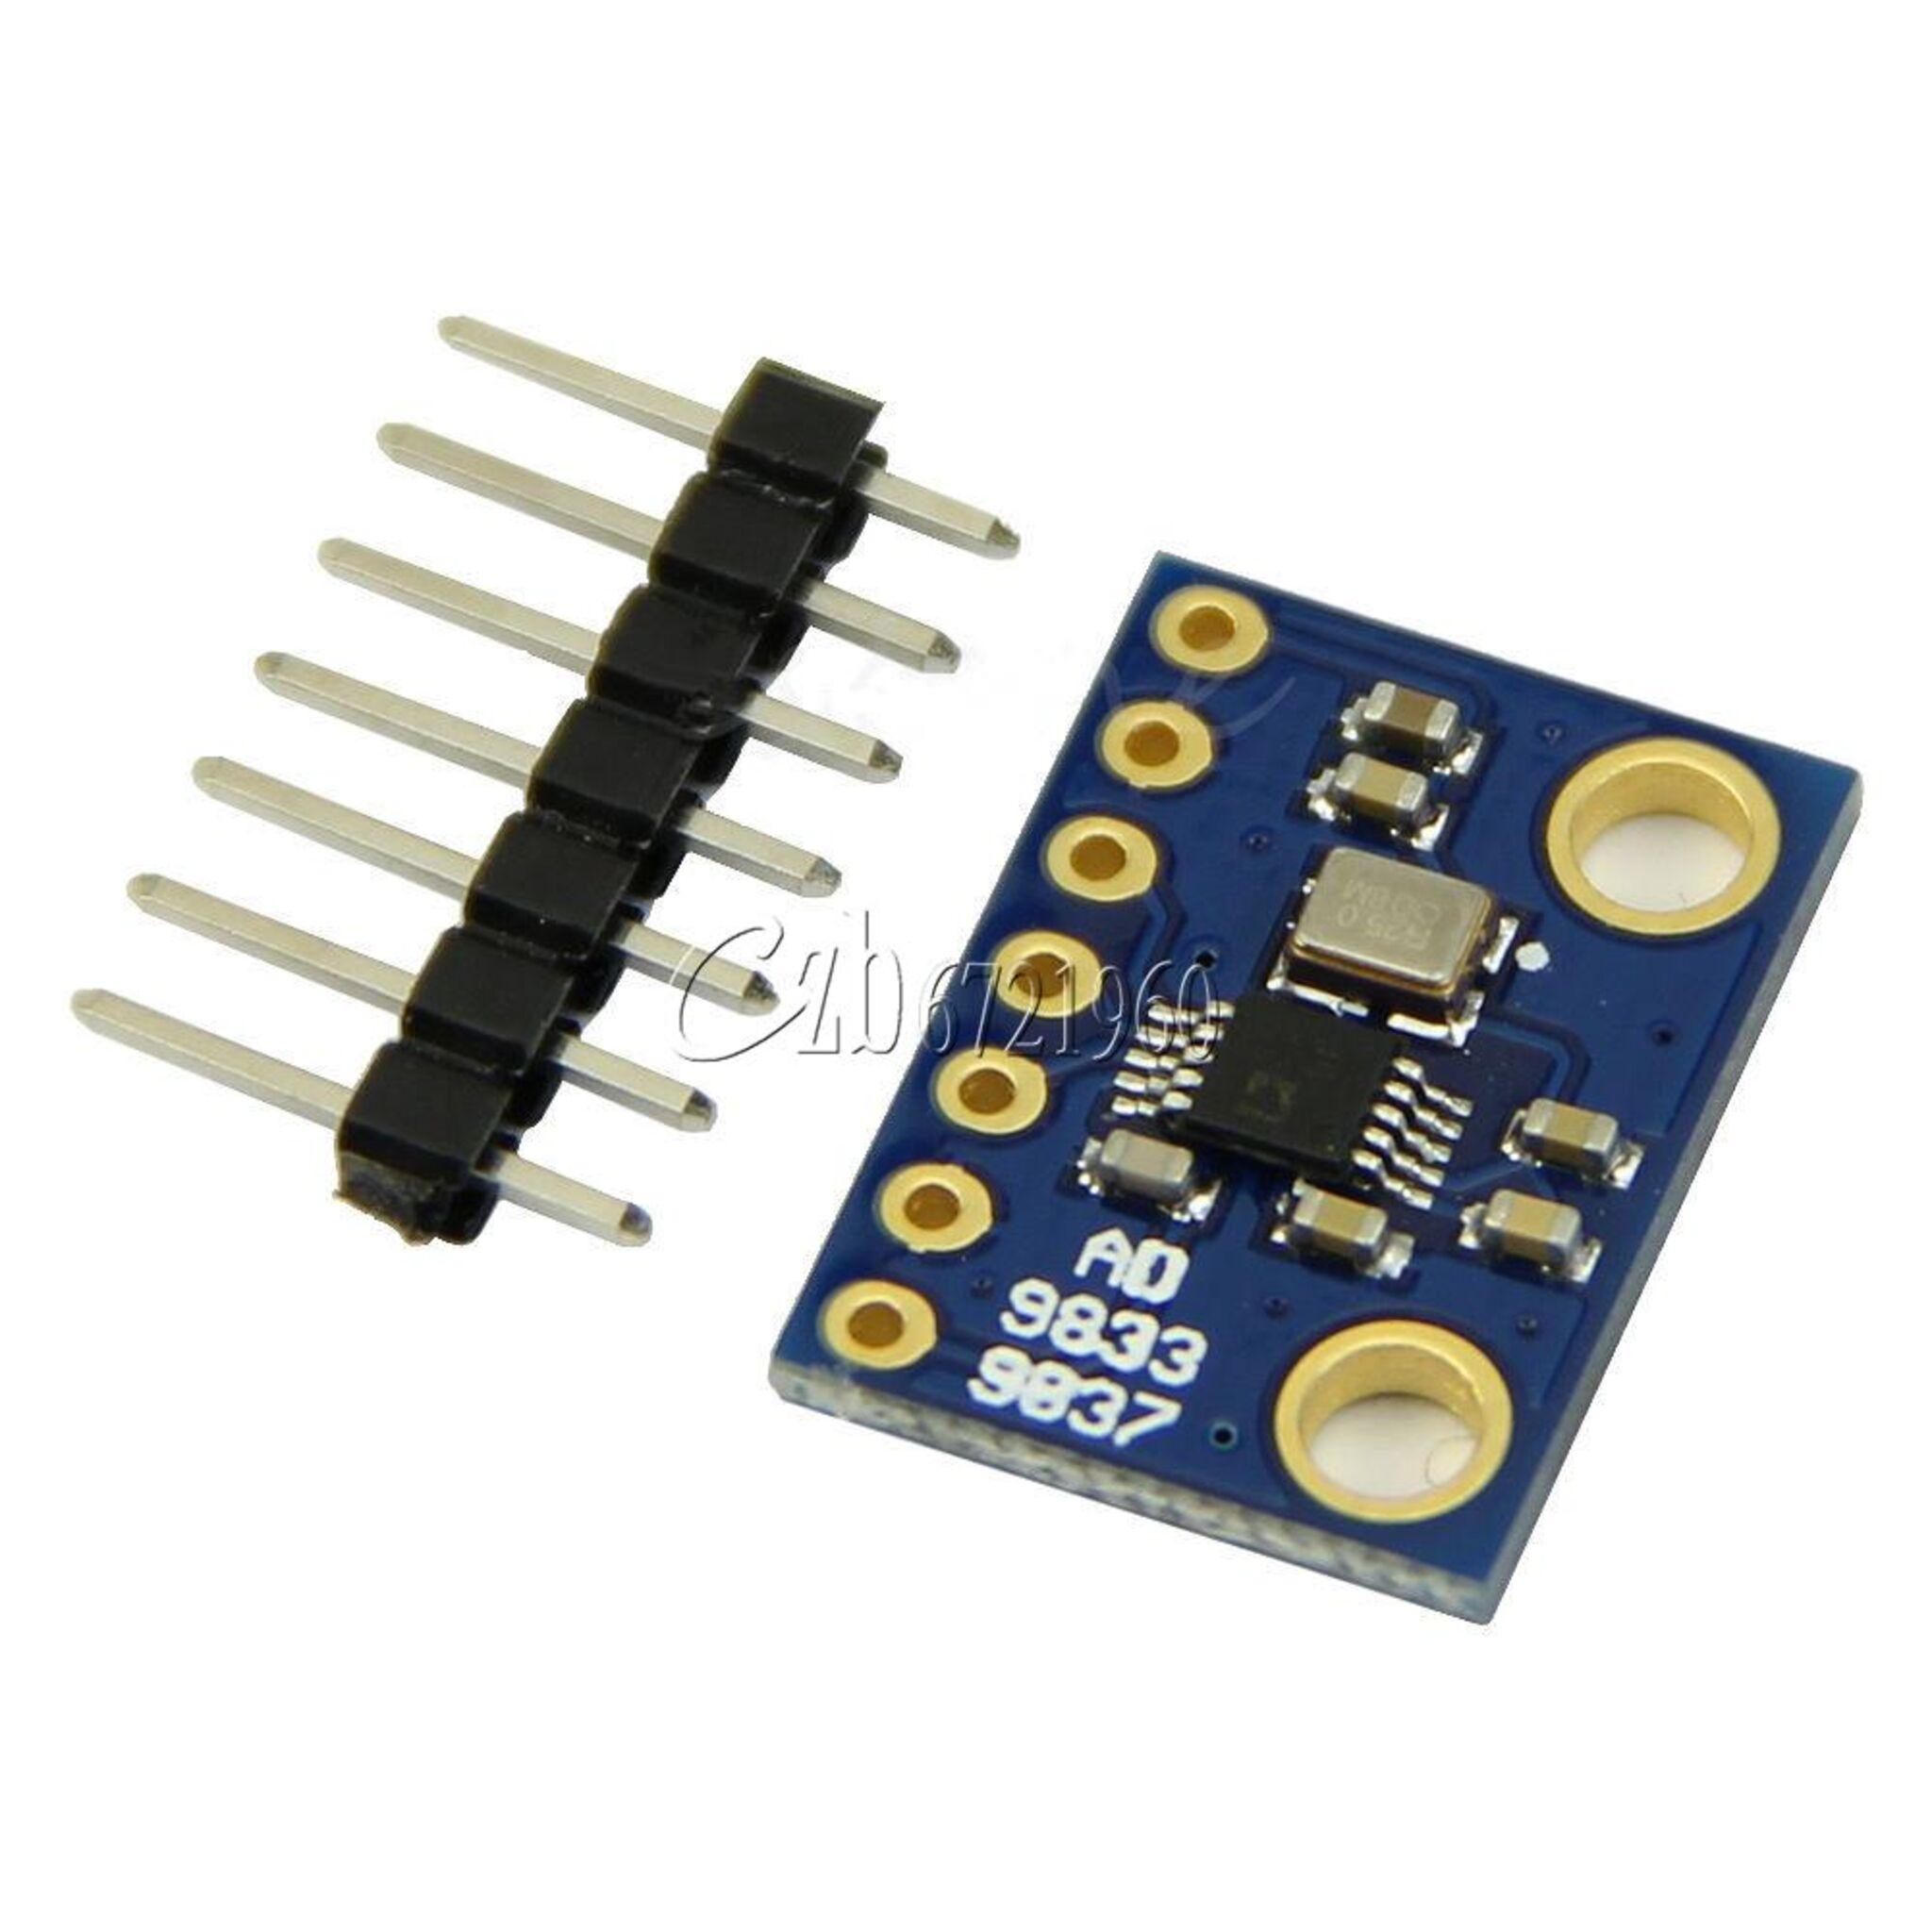 Ariejan De Vroom Signal 1 Diy Audio Generator Part Generators Projects Circuits 9 The Ad9833 Breakout Board